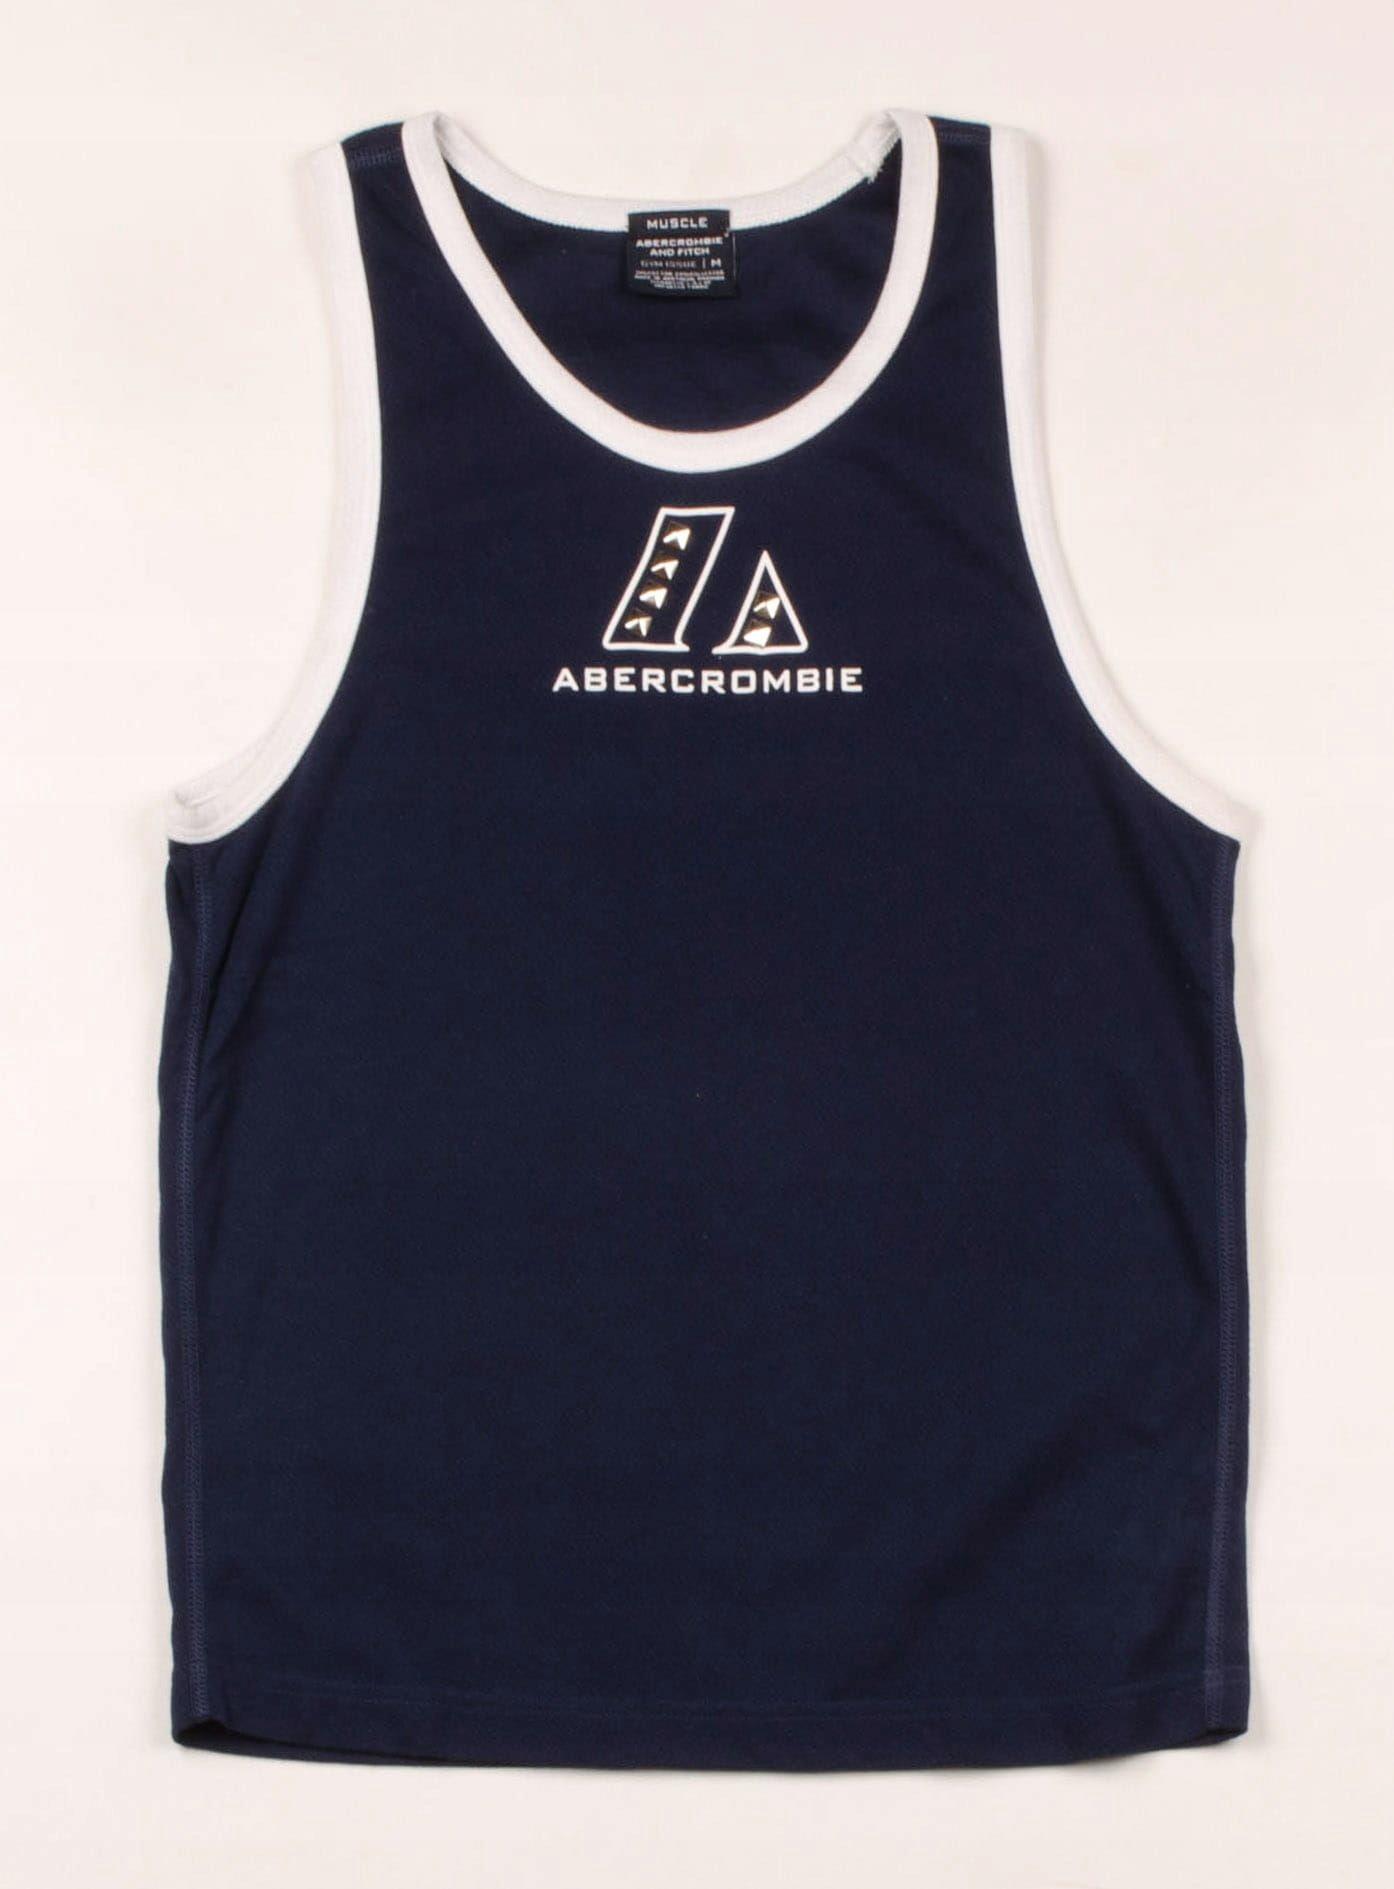 35194 Abercrombie Koszulka ramiączka Męska M